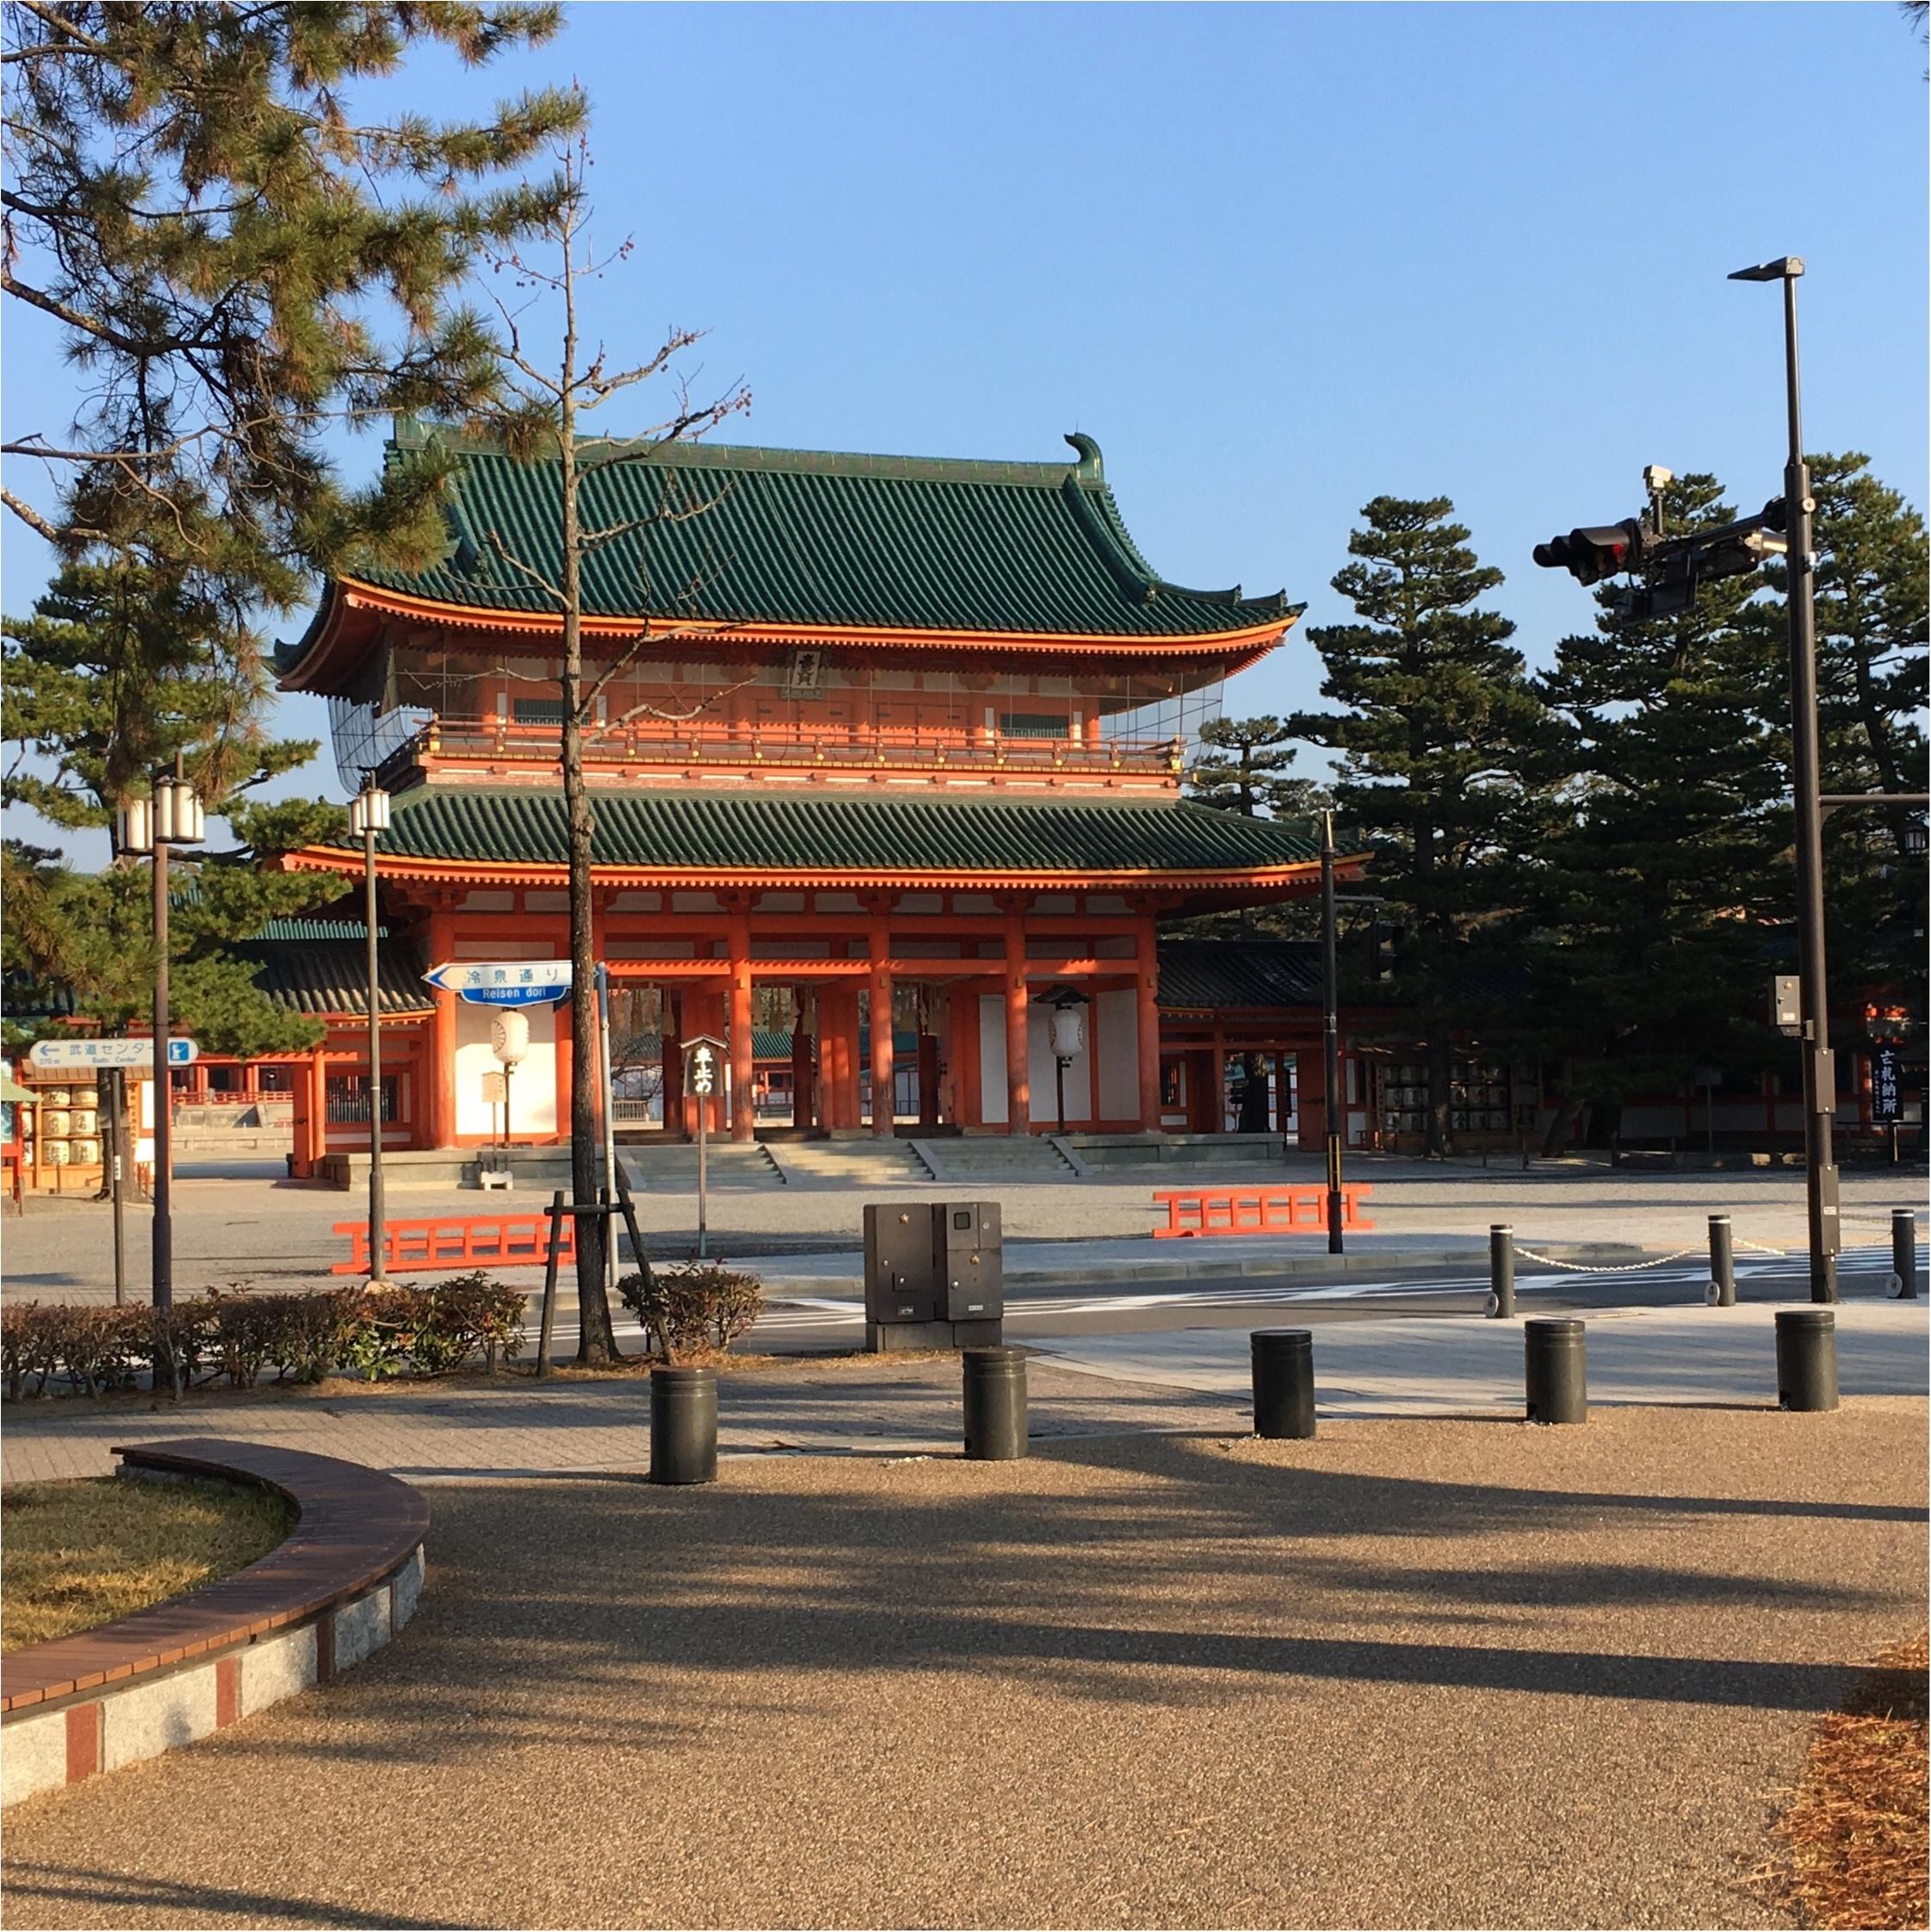 京都女子旅特集《2019年版》- 旅する女子がおすすめする、インスタ映えスポットやカフェ、レンタル着物は?_44